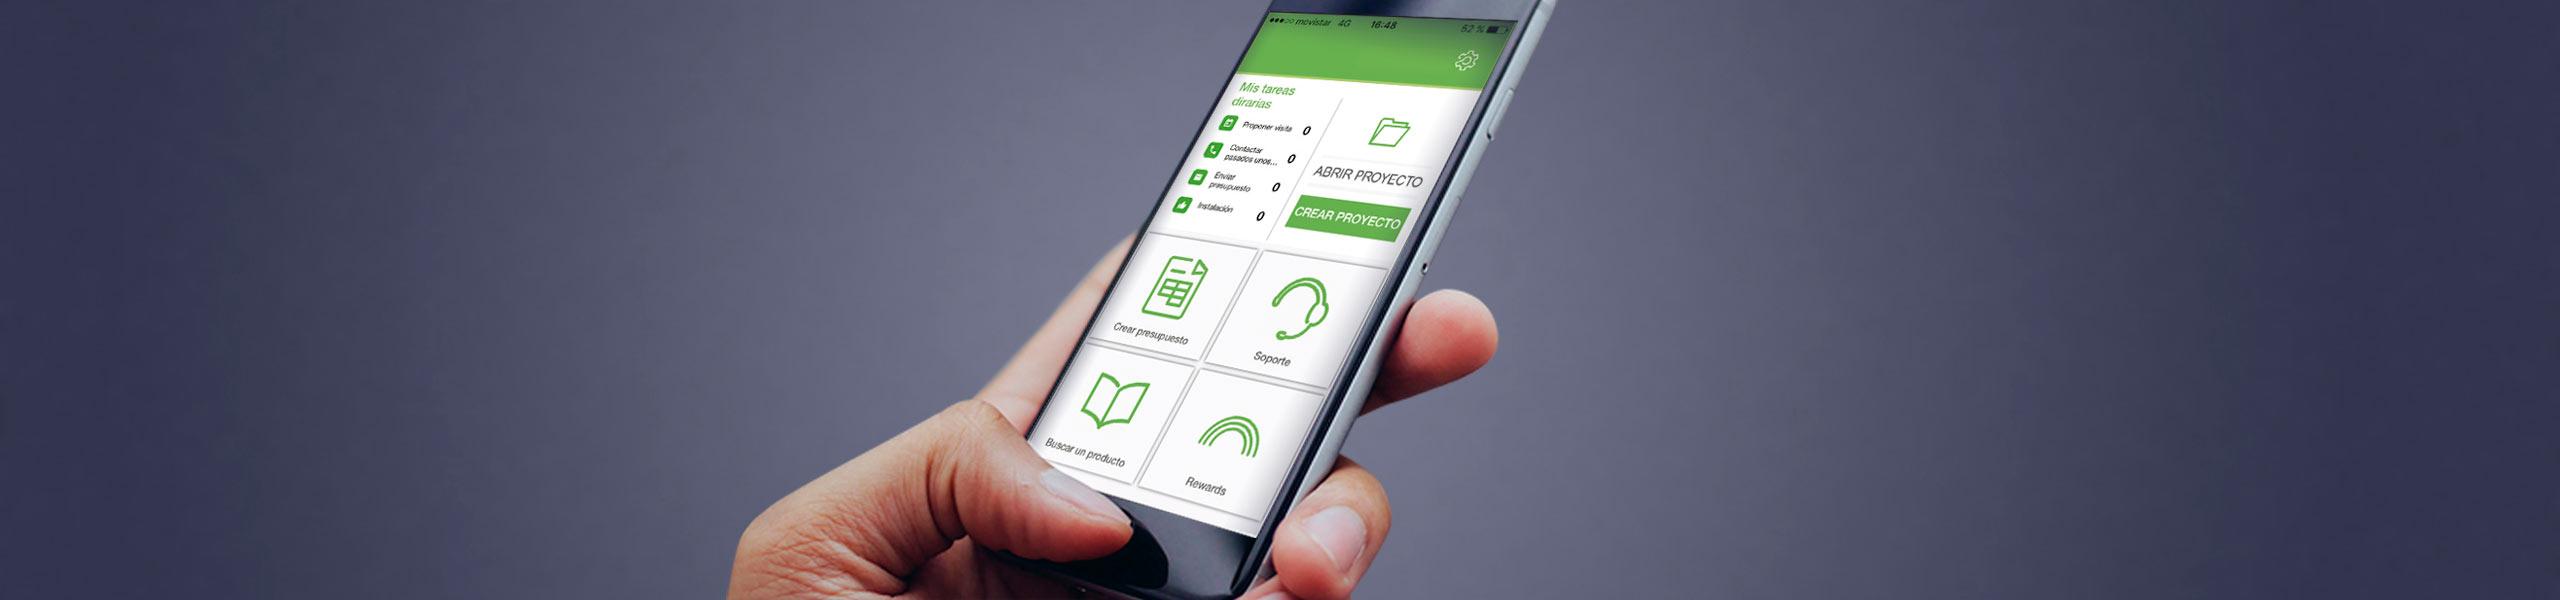 Productos Smart con funcionalidades avanzadas de la linea New Unica de Schneider Electric